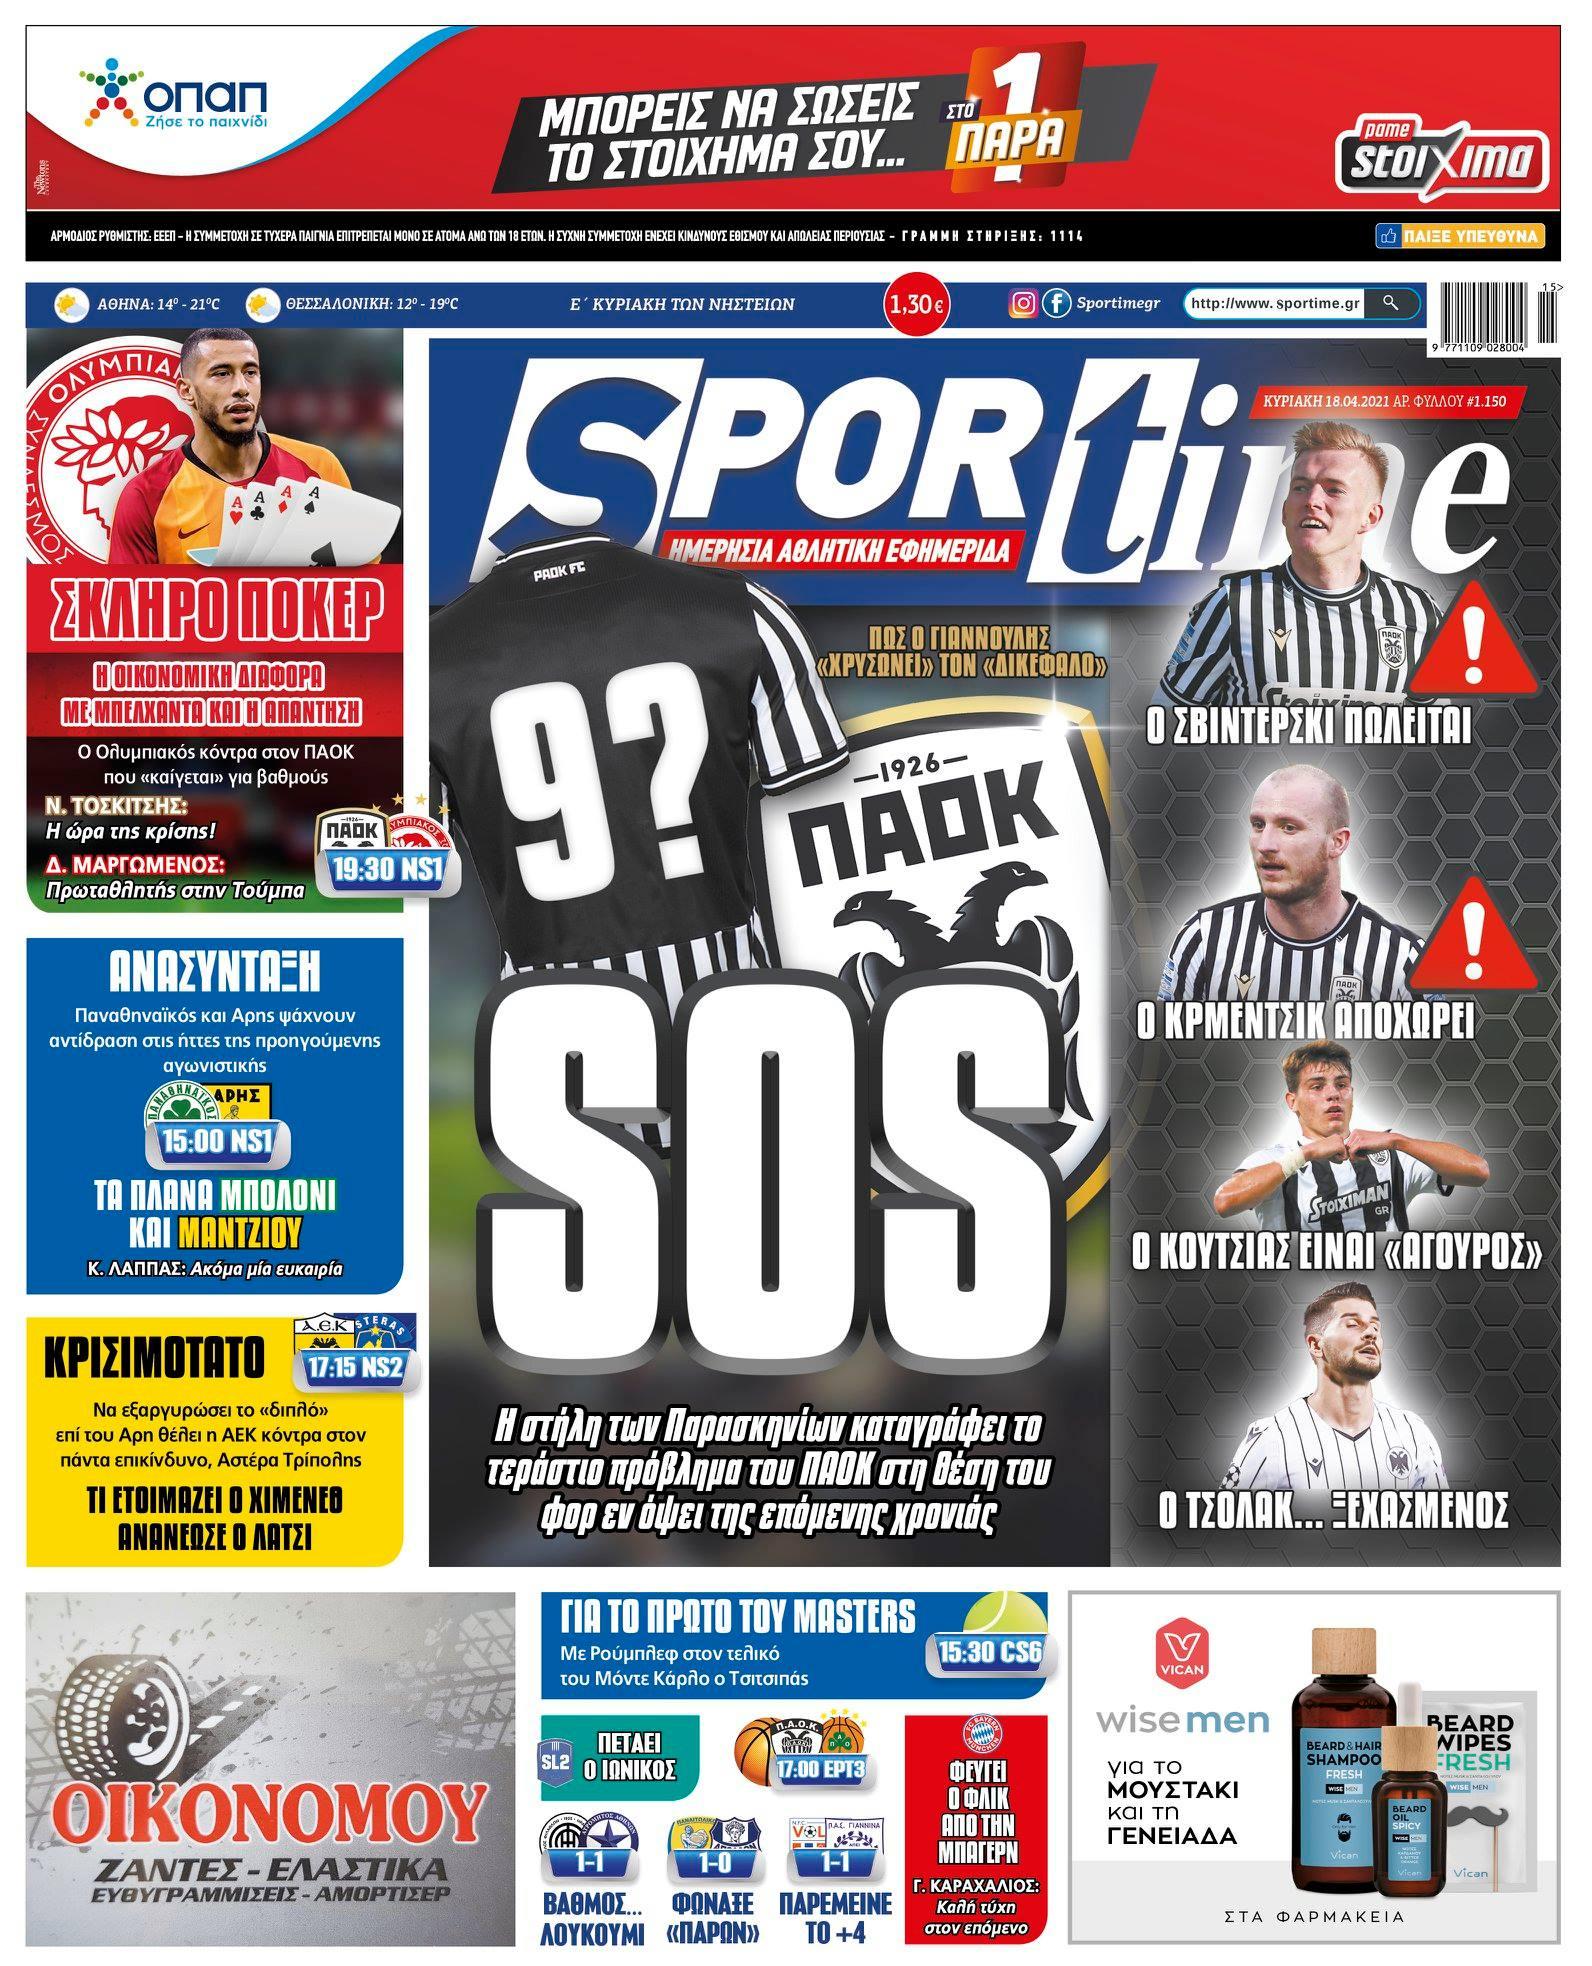 Εφημερίδα SPORTIME - Εξώφυλλο φύλλου 18/4/2021